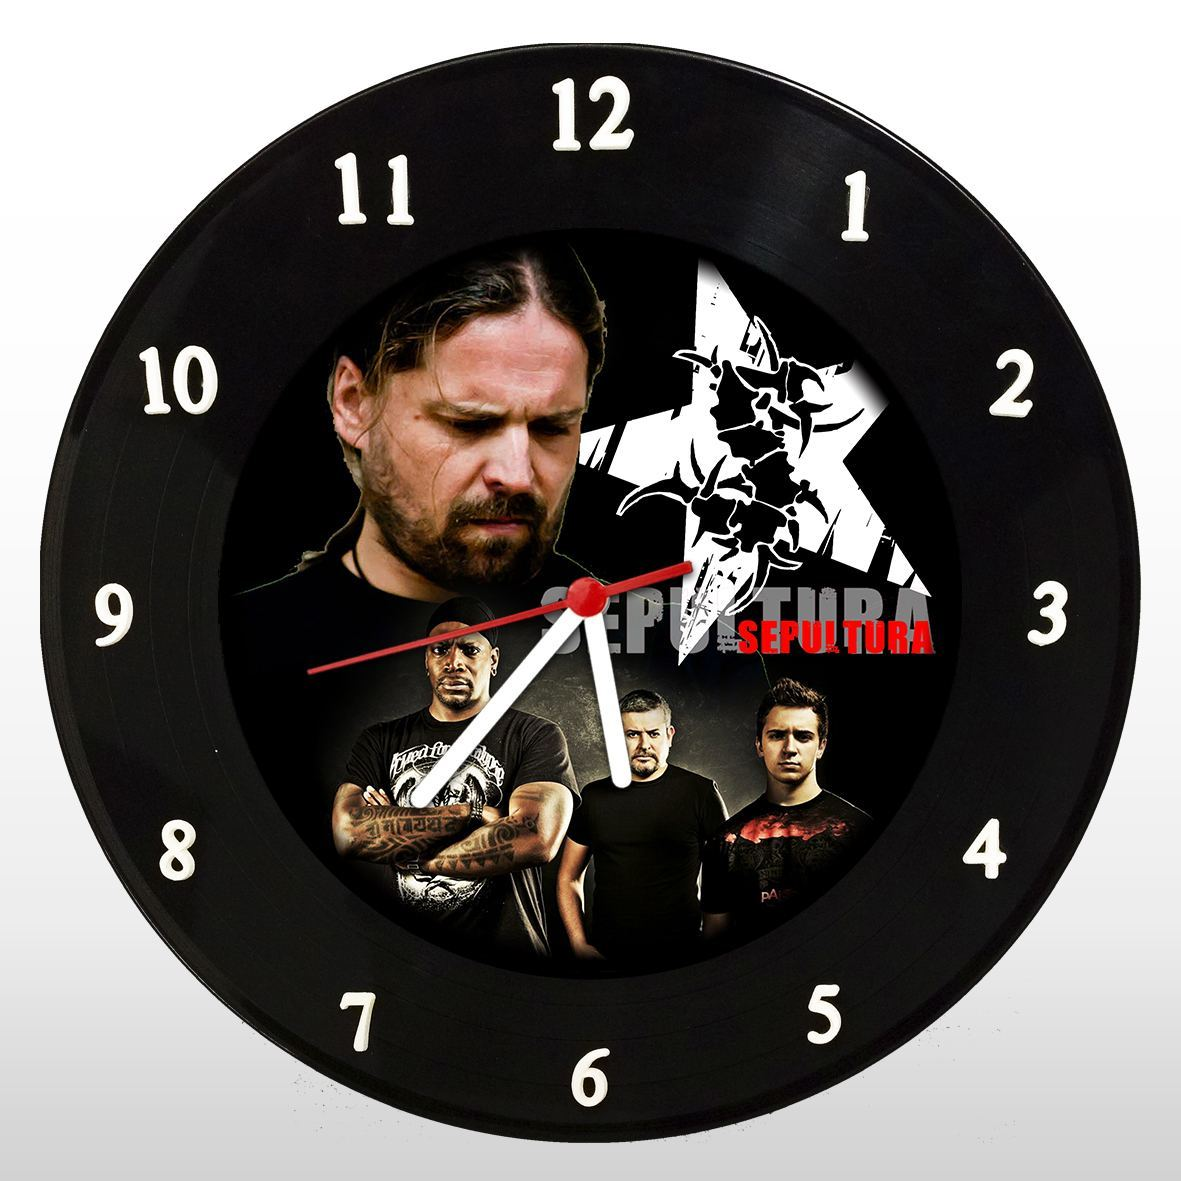 Sepultura - Relógio de Parede em Disco de Vinil - Mr. Rock